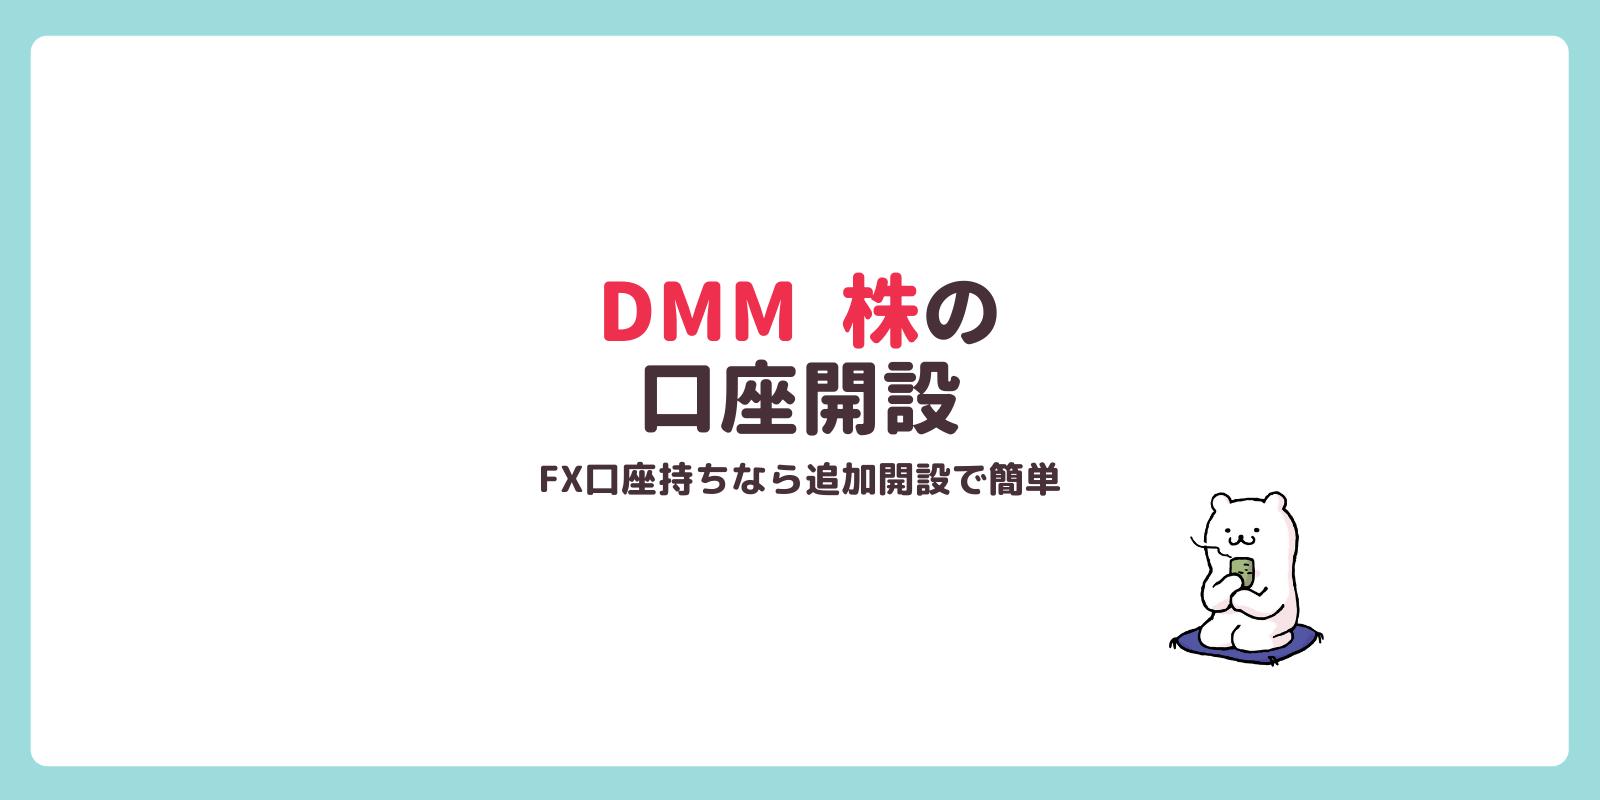 DMM株の口座開設方法